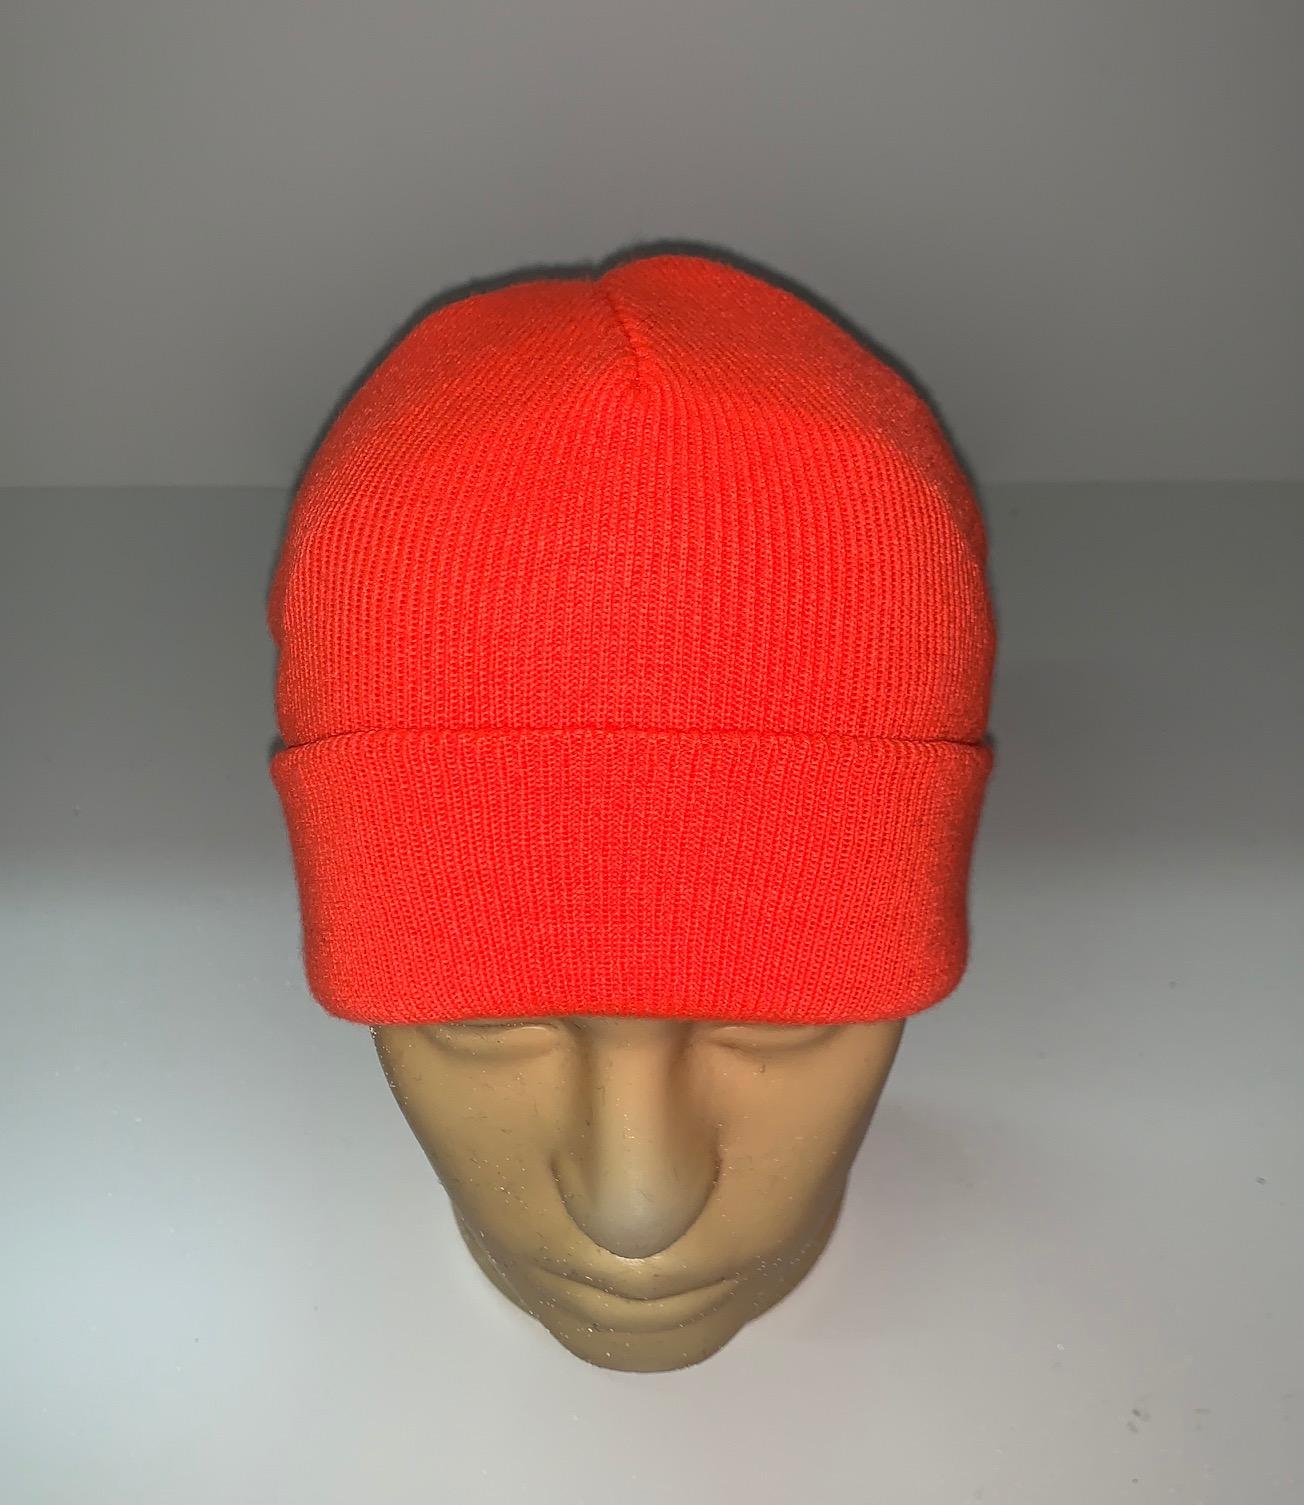 Ярко-оранжевая шапка